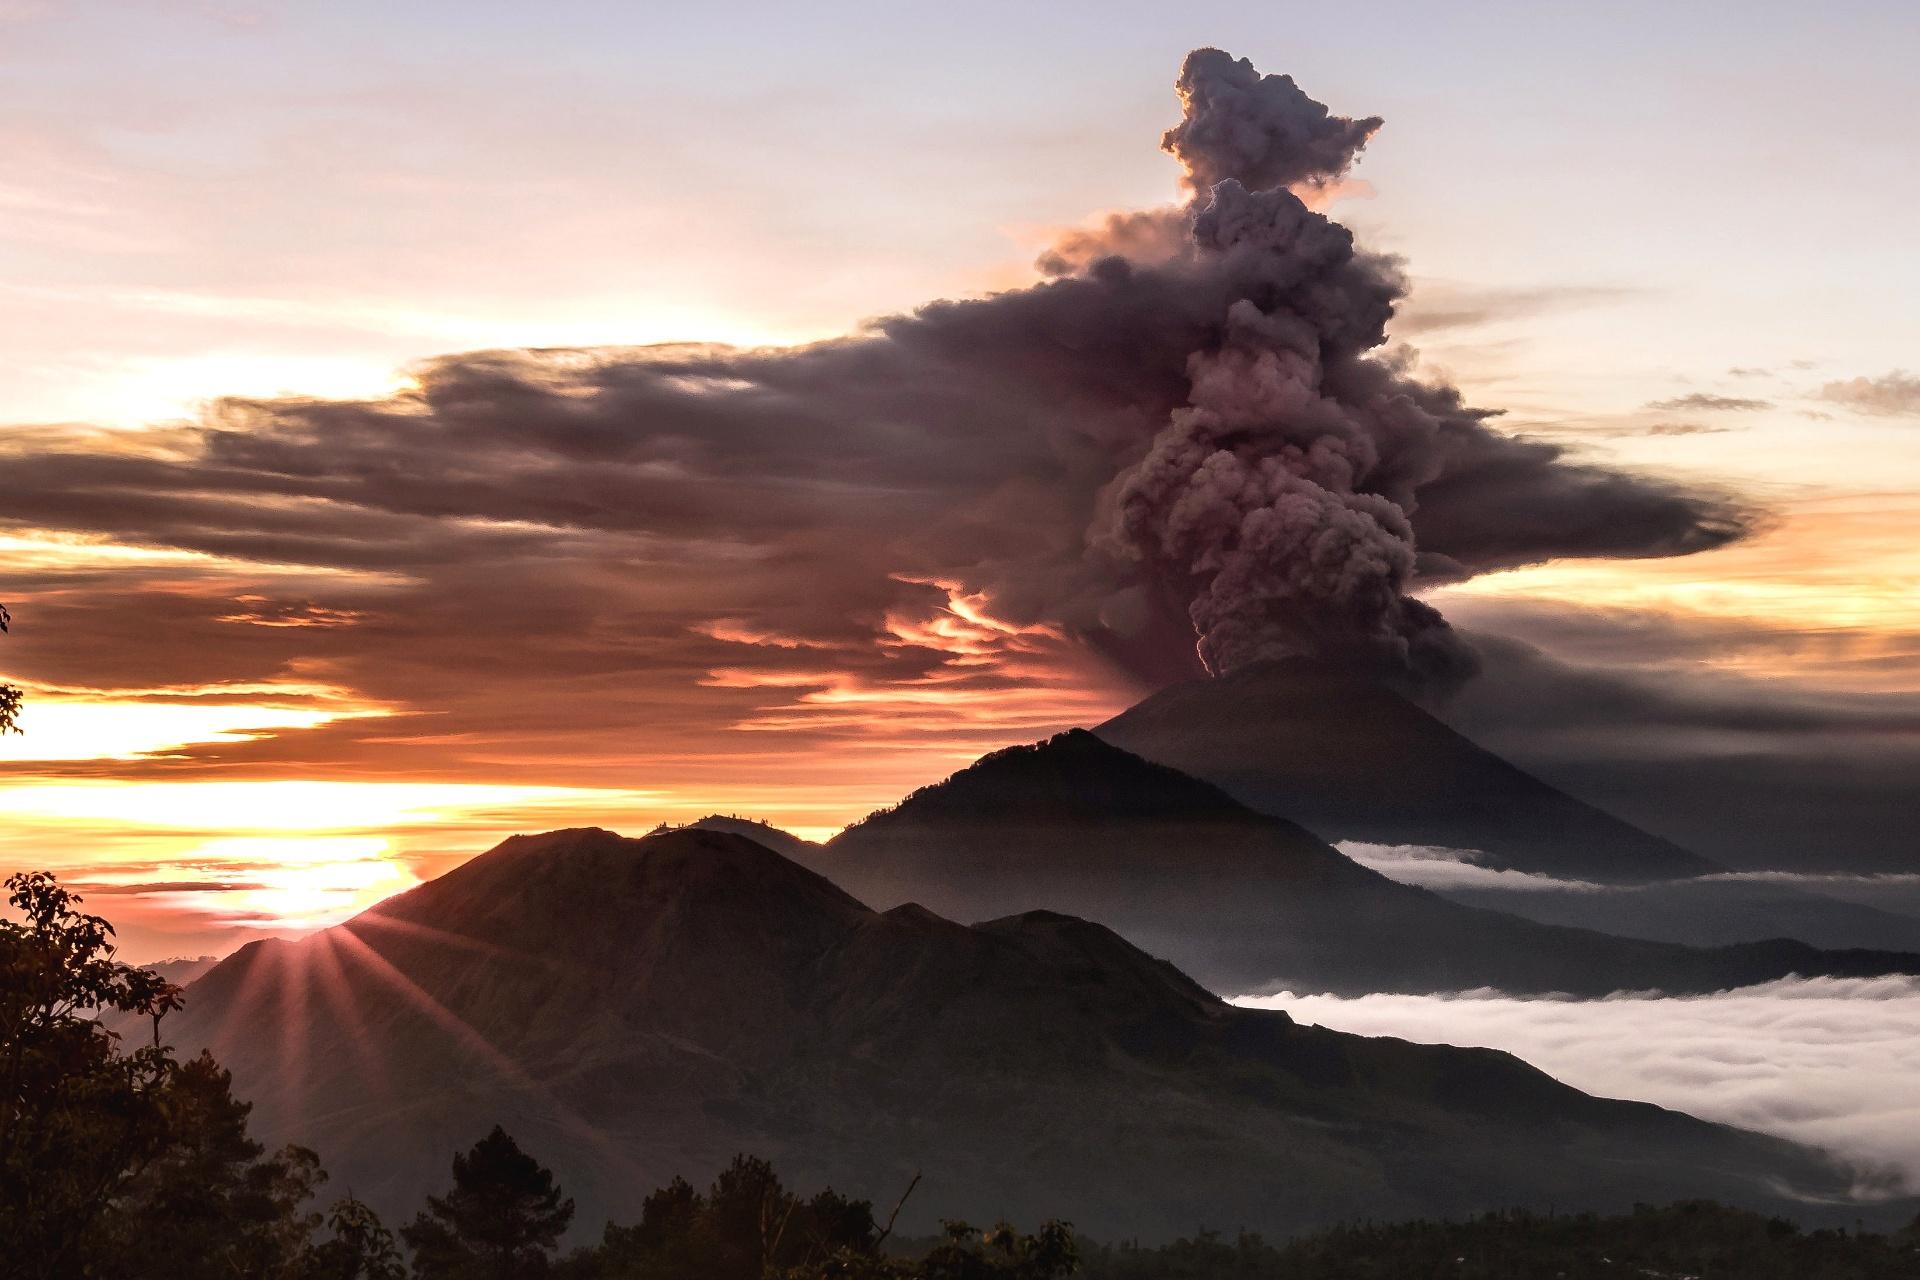 26.nov.2017 - O vulcão Mount Agung é visto expelindo fumaça e cinza em Bali, Indonésia. Mais de 30.000 habitantes da ilha turística de Karangasem abandonaram suas casas por medo da erupção, segundo as autoridades indonésias. As nuvens de cinza alcançaram até 4.000 metros de altura, provocando alerta máxima para aviação. A última erupção do Agung aconteceu em 1963